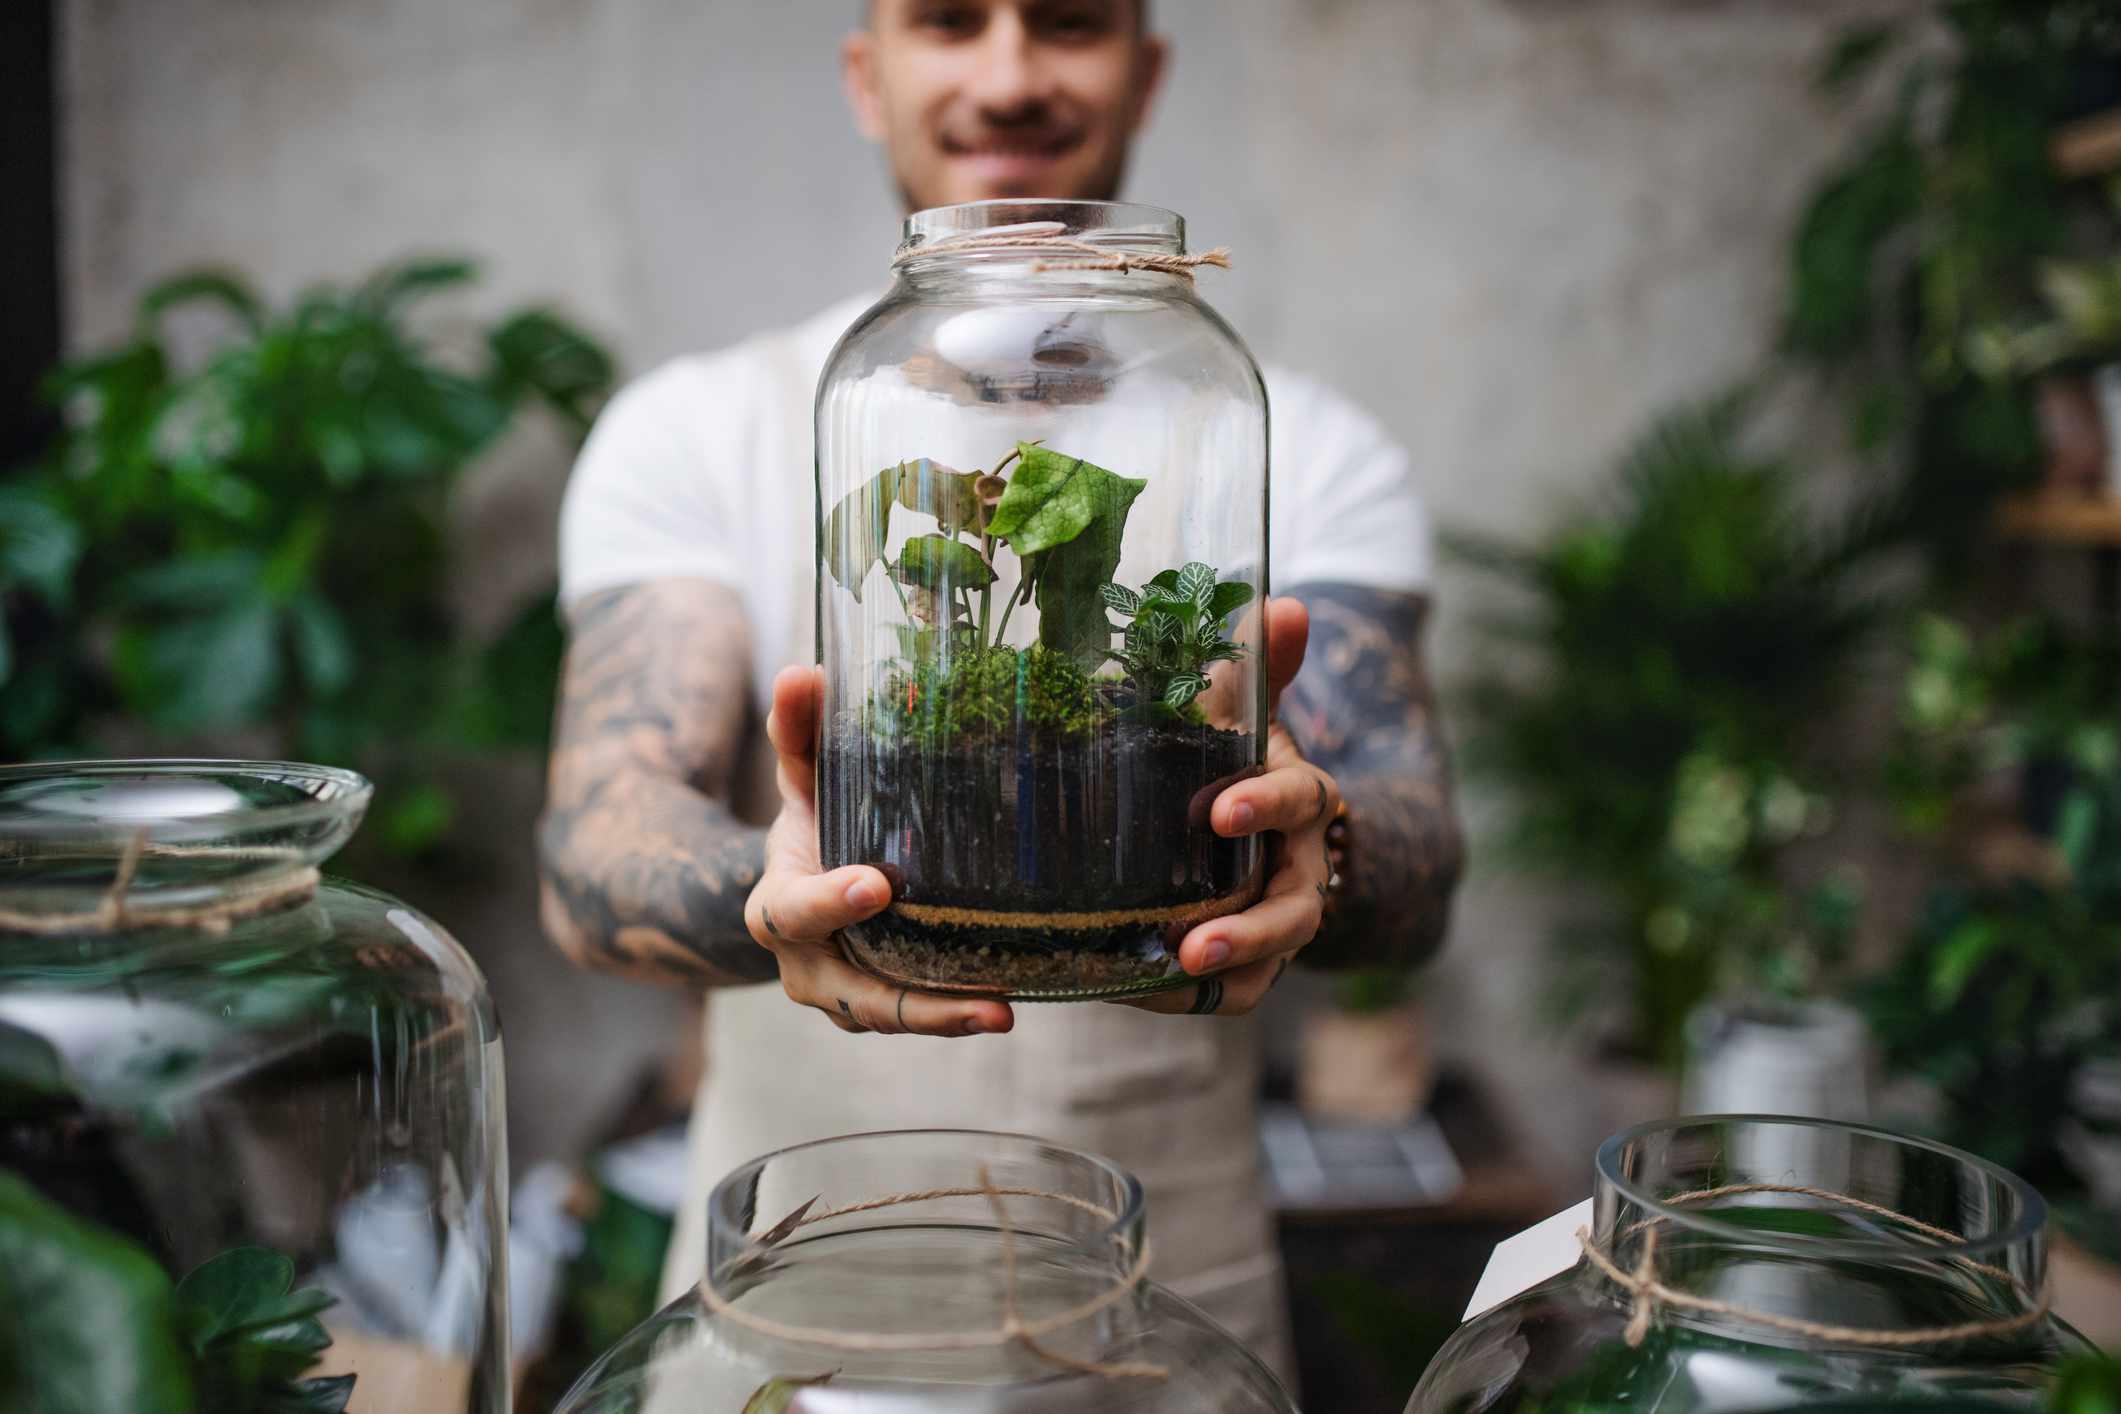 Man hold up terrarium